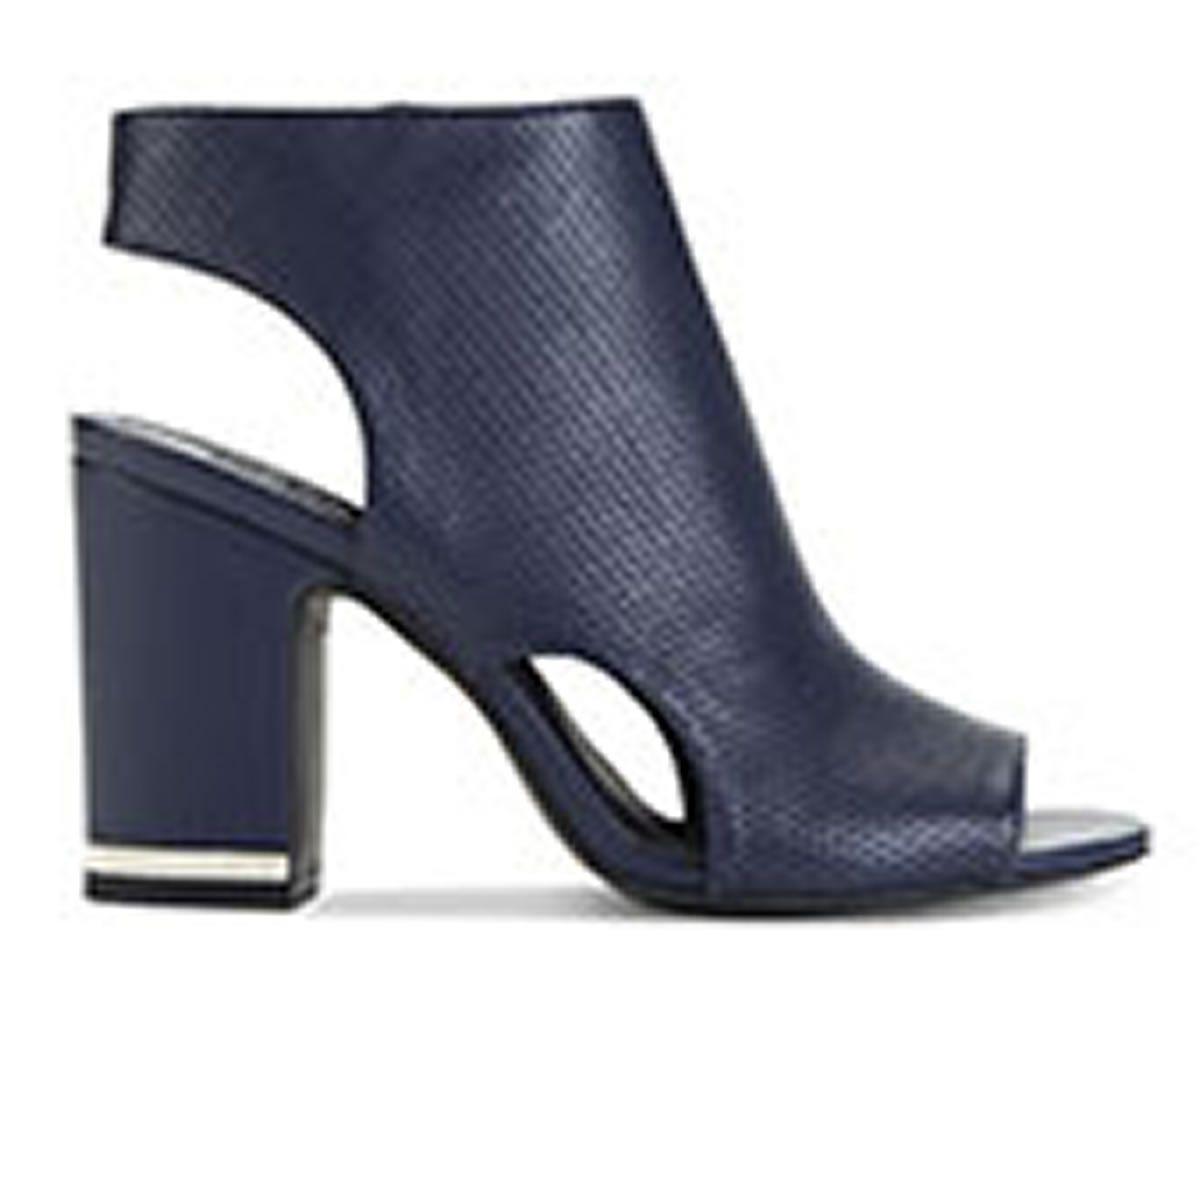 9a8a456823894 Designer Shoes - Macy s